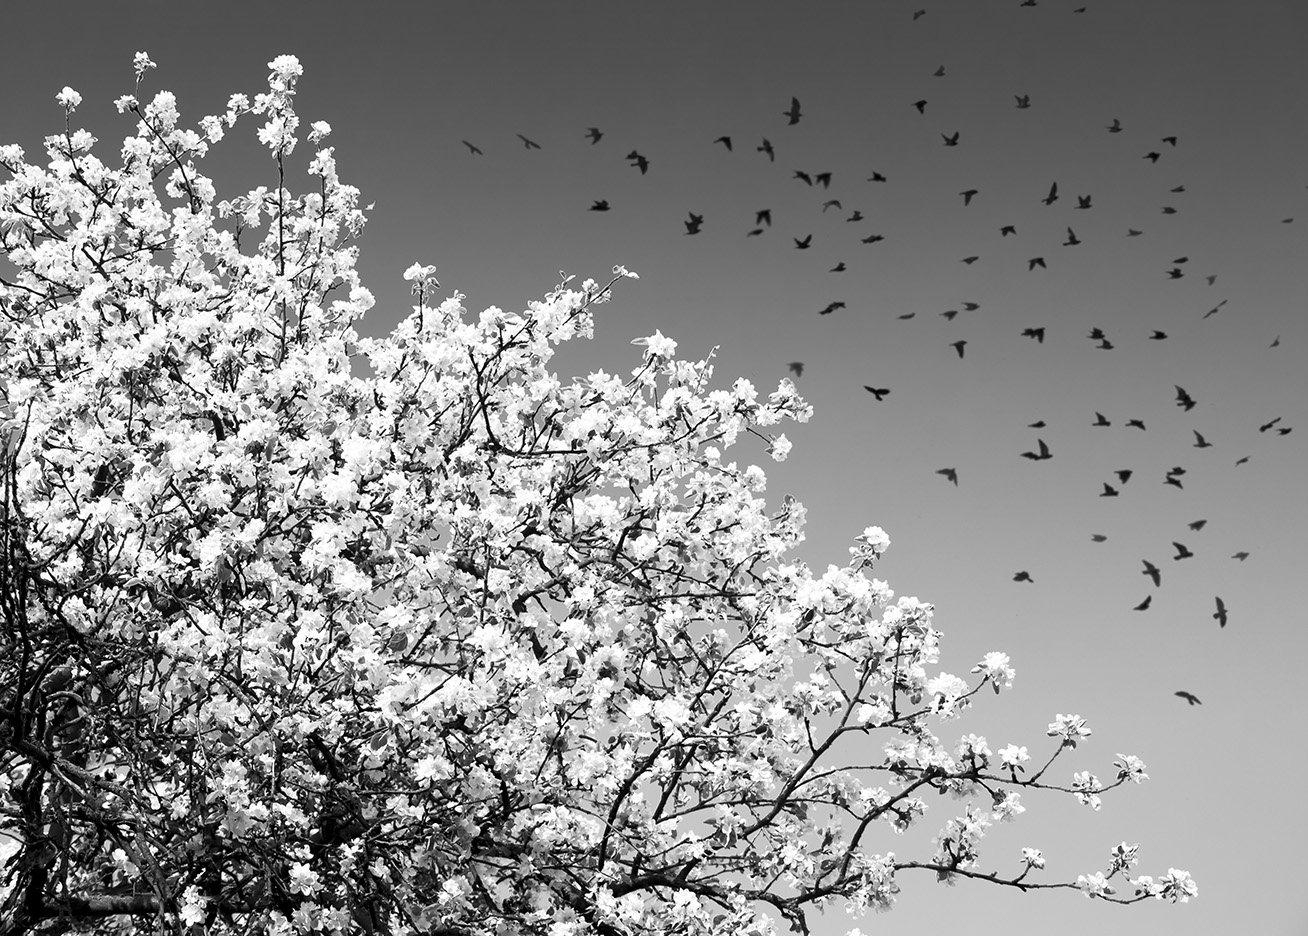 весна, дерево, птицы, небо, цветение, цветы, черно-белое, полет, воздушный, ветви, Фото Брест